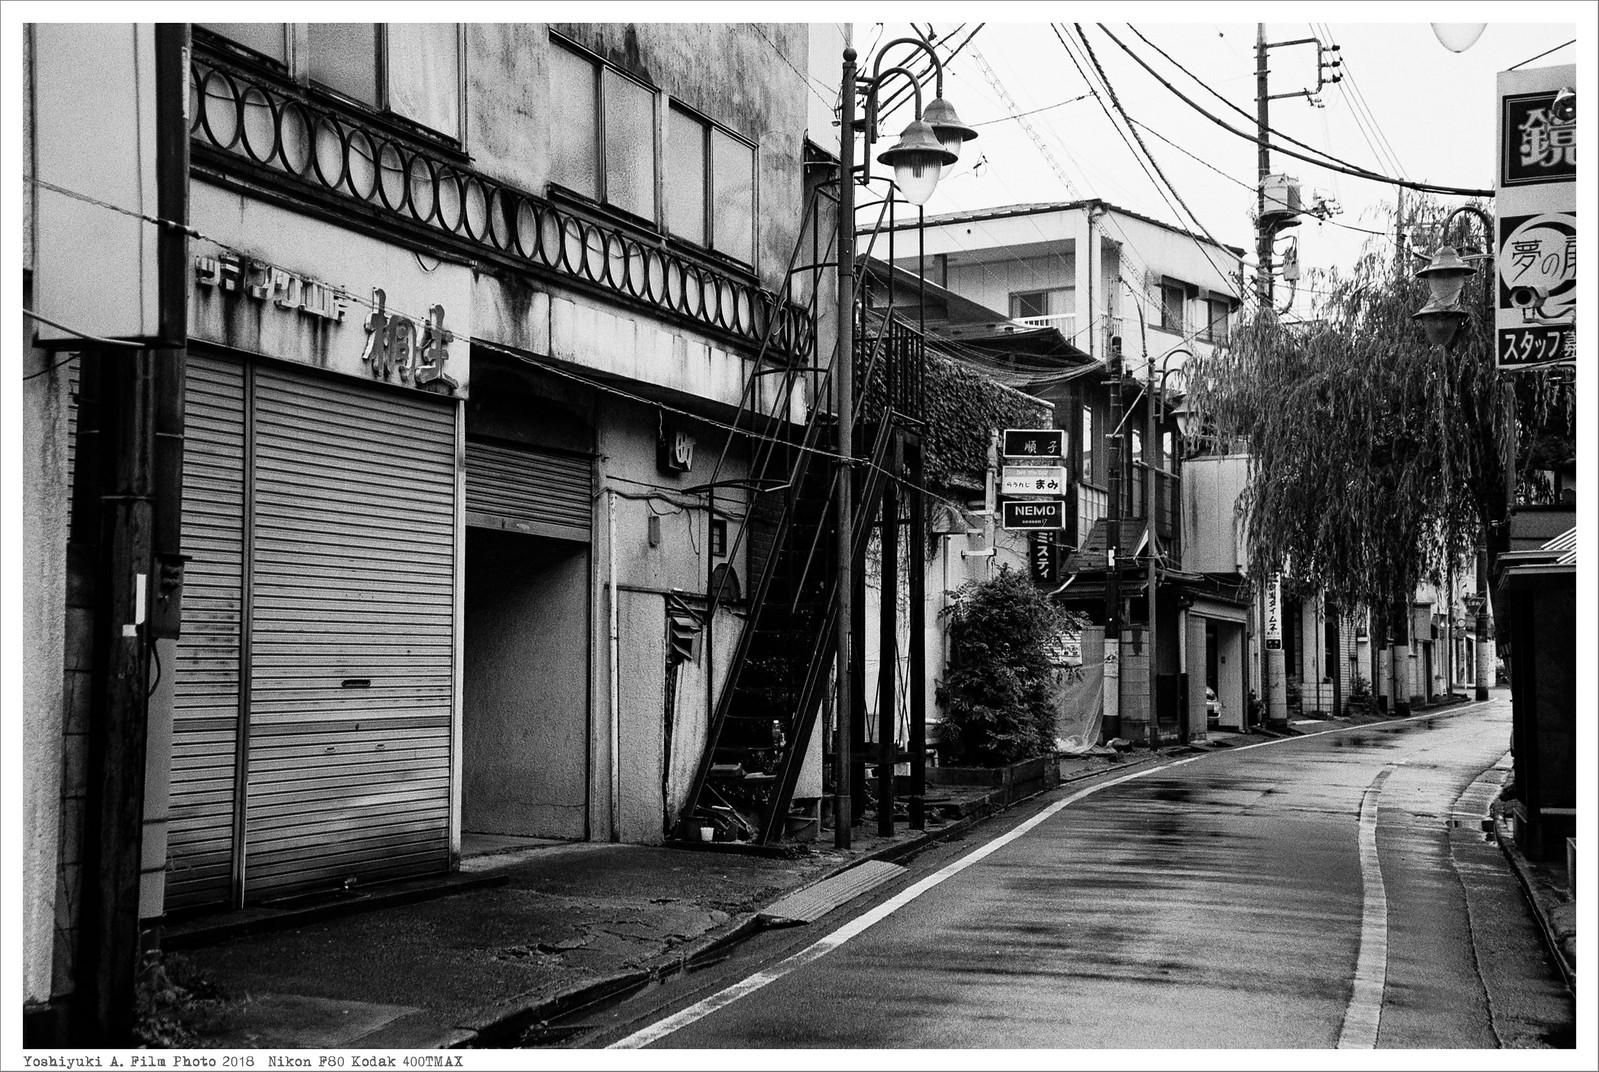 群馬県 桐生市 Nikon_F80_Kodak_400TMAX__12